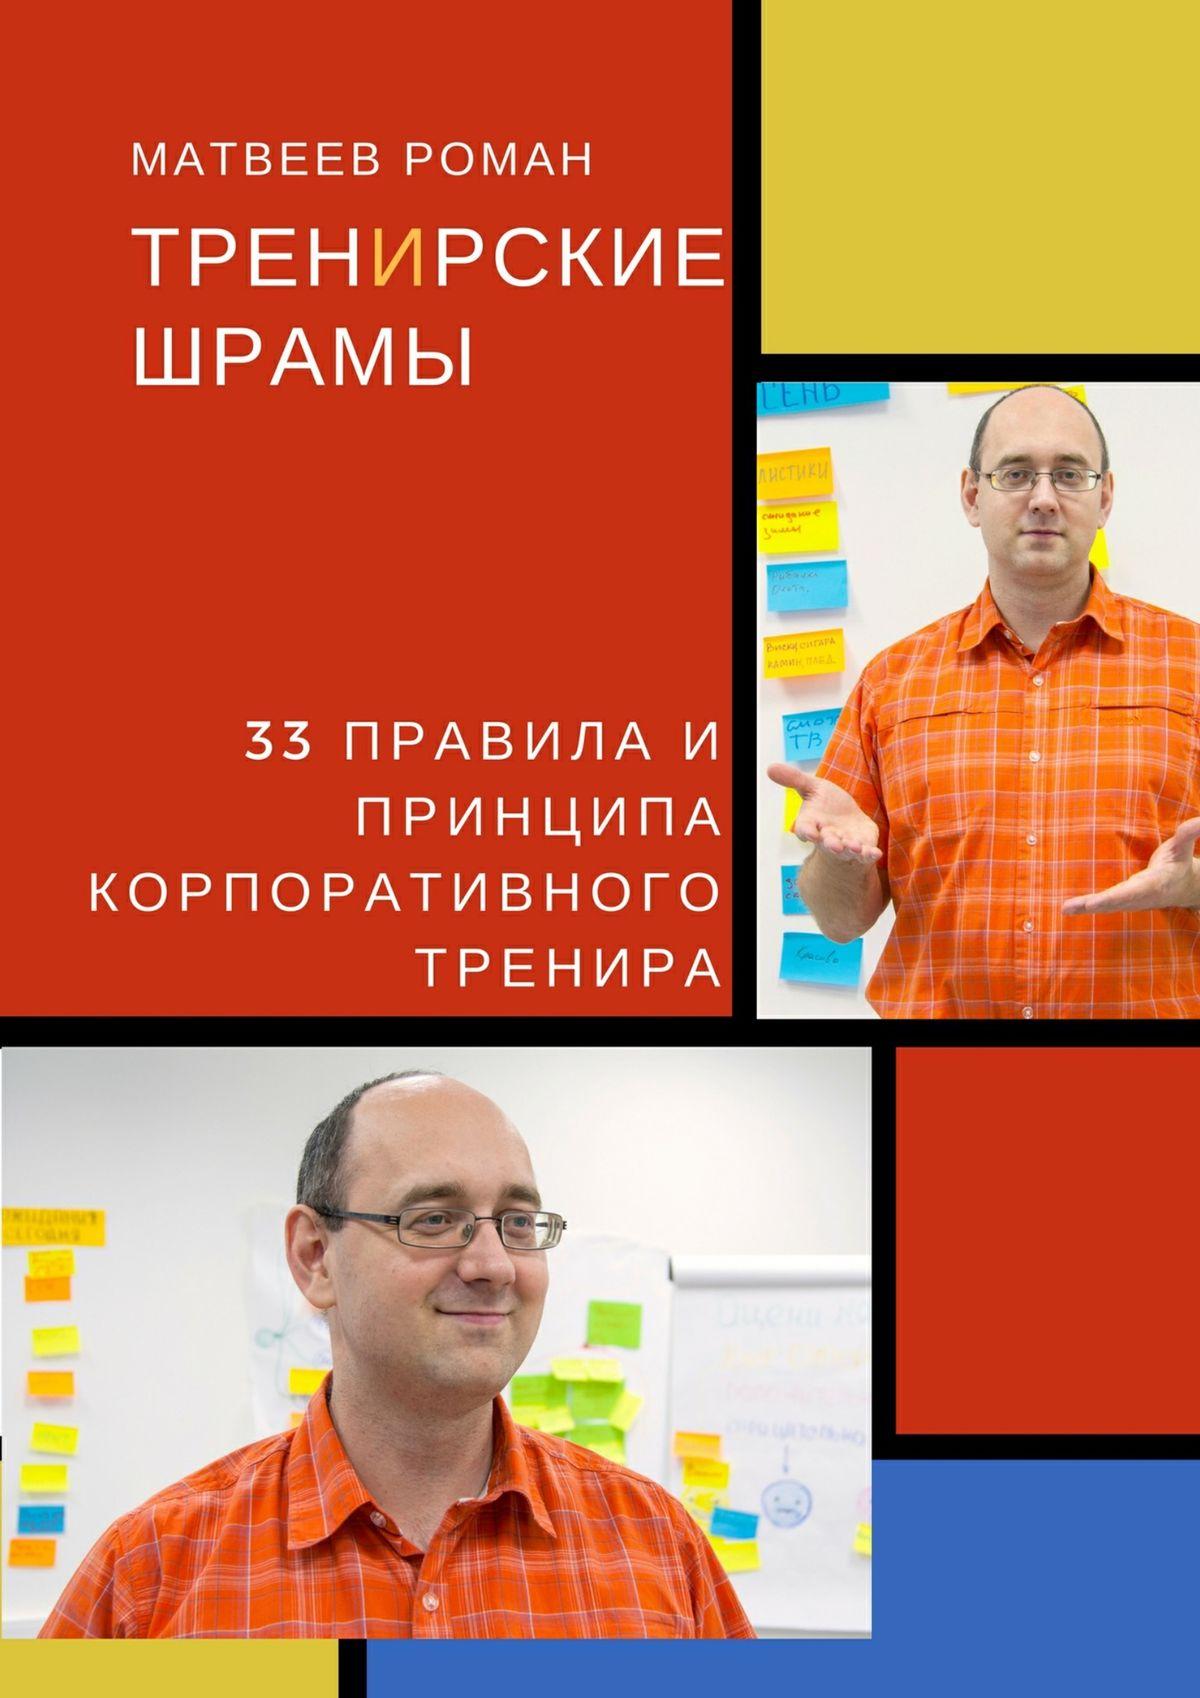 Обложка книги ТренИрские шрамы. 33 правила и принципа корпоративного тренира